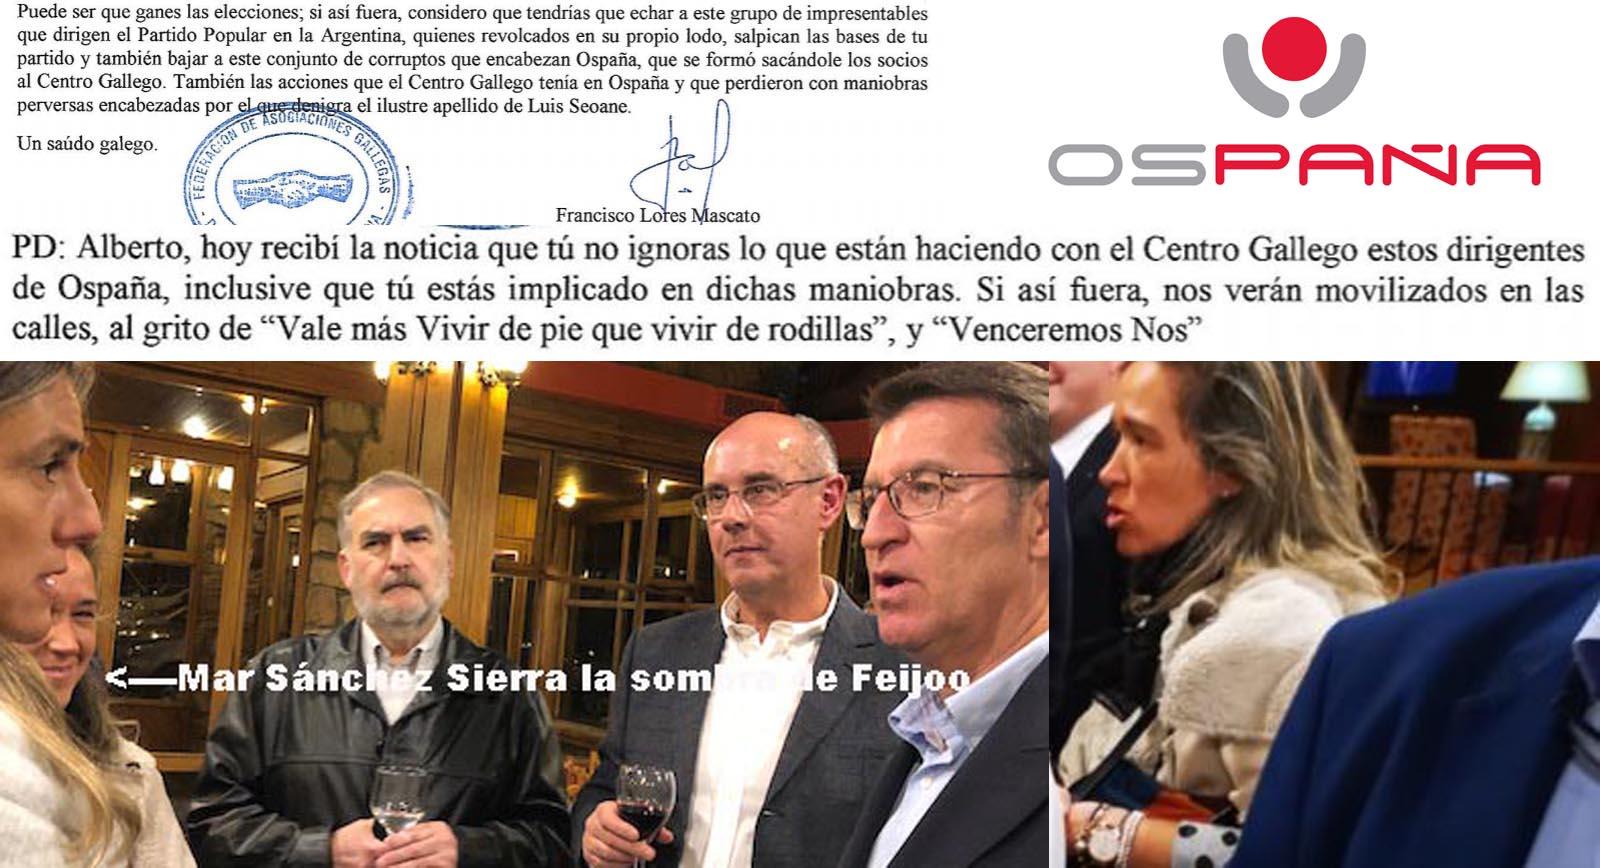 Acusan a María del Mar Sánchez Sierra de arruinar la vida política ...